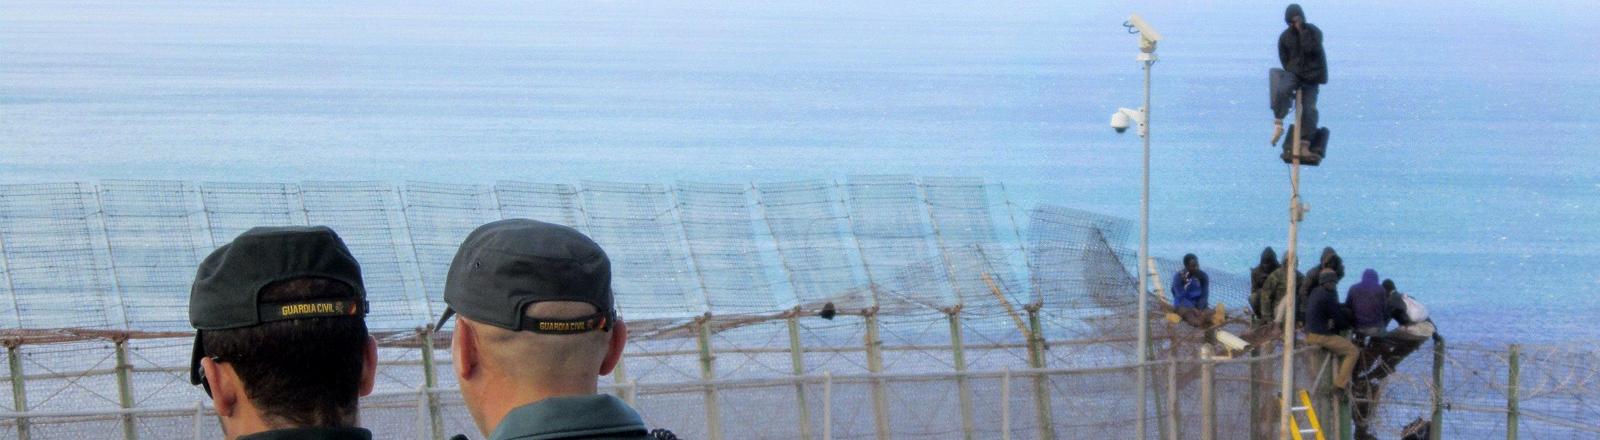 Zwei Flüchtlinge sitzen auf einem Zaun in Melilla